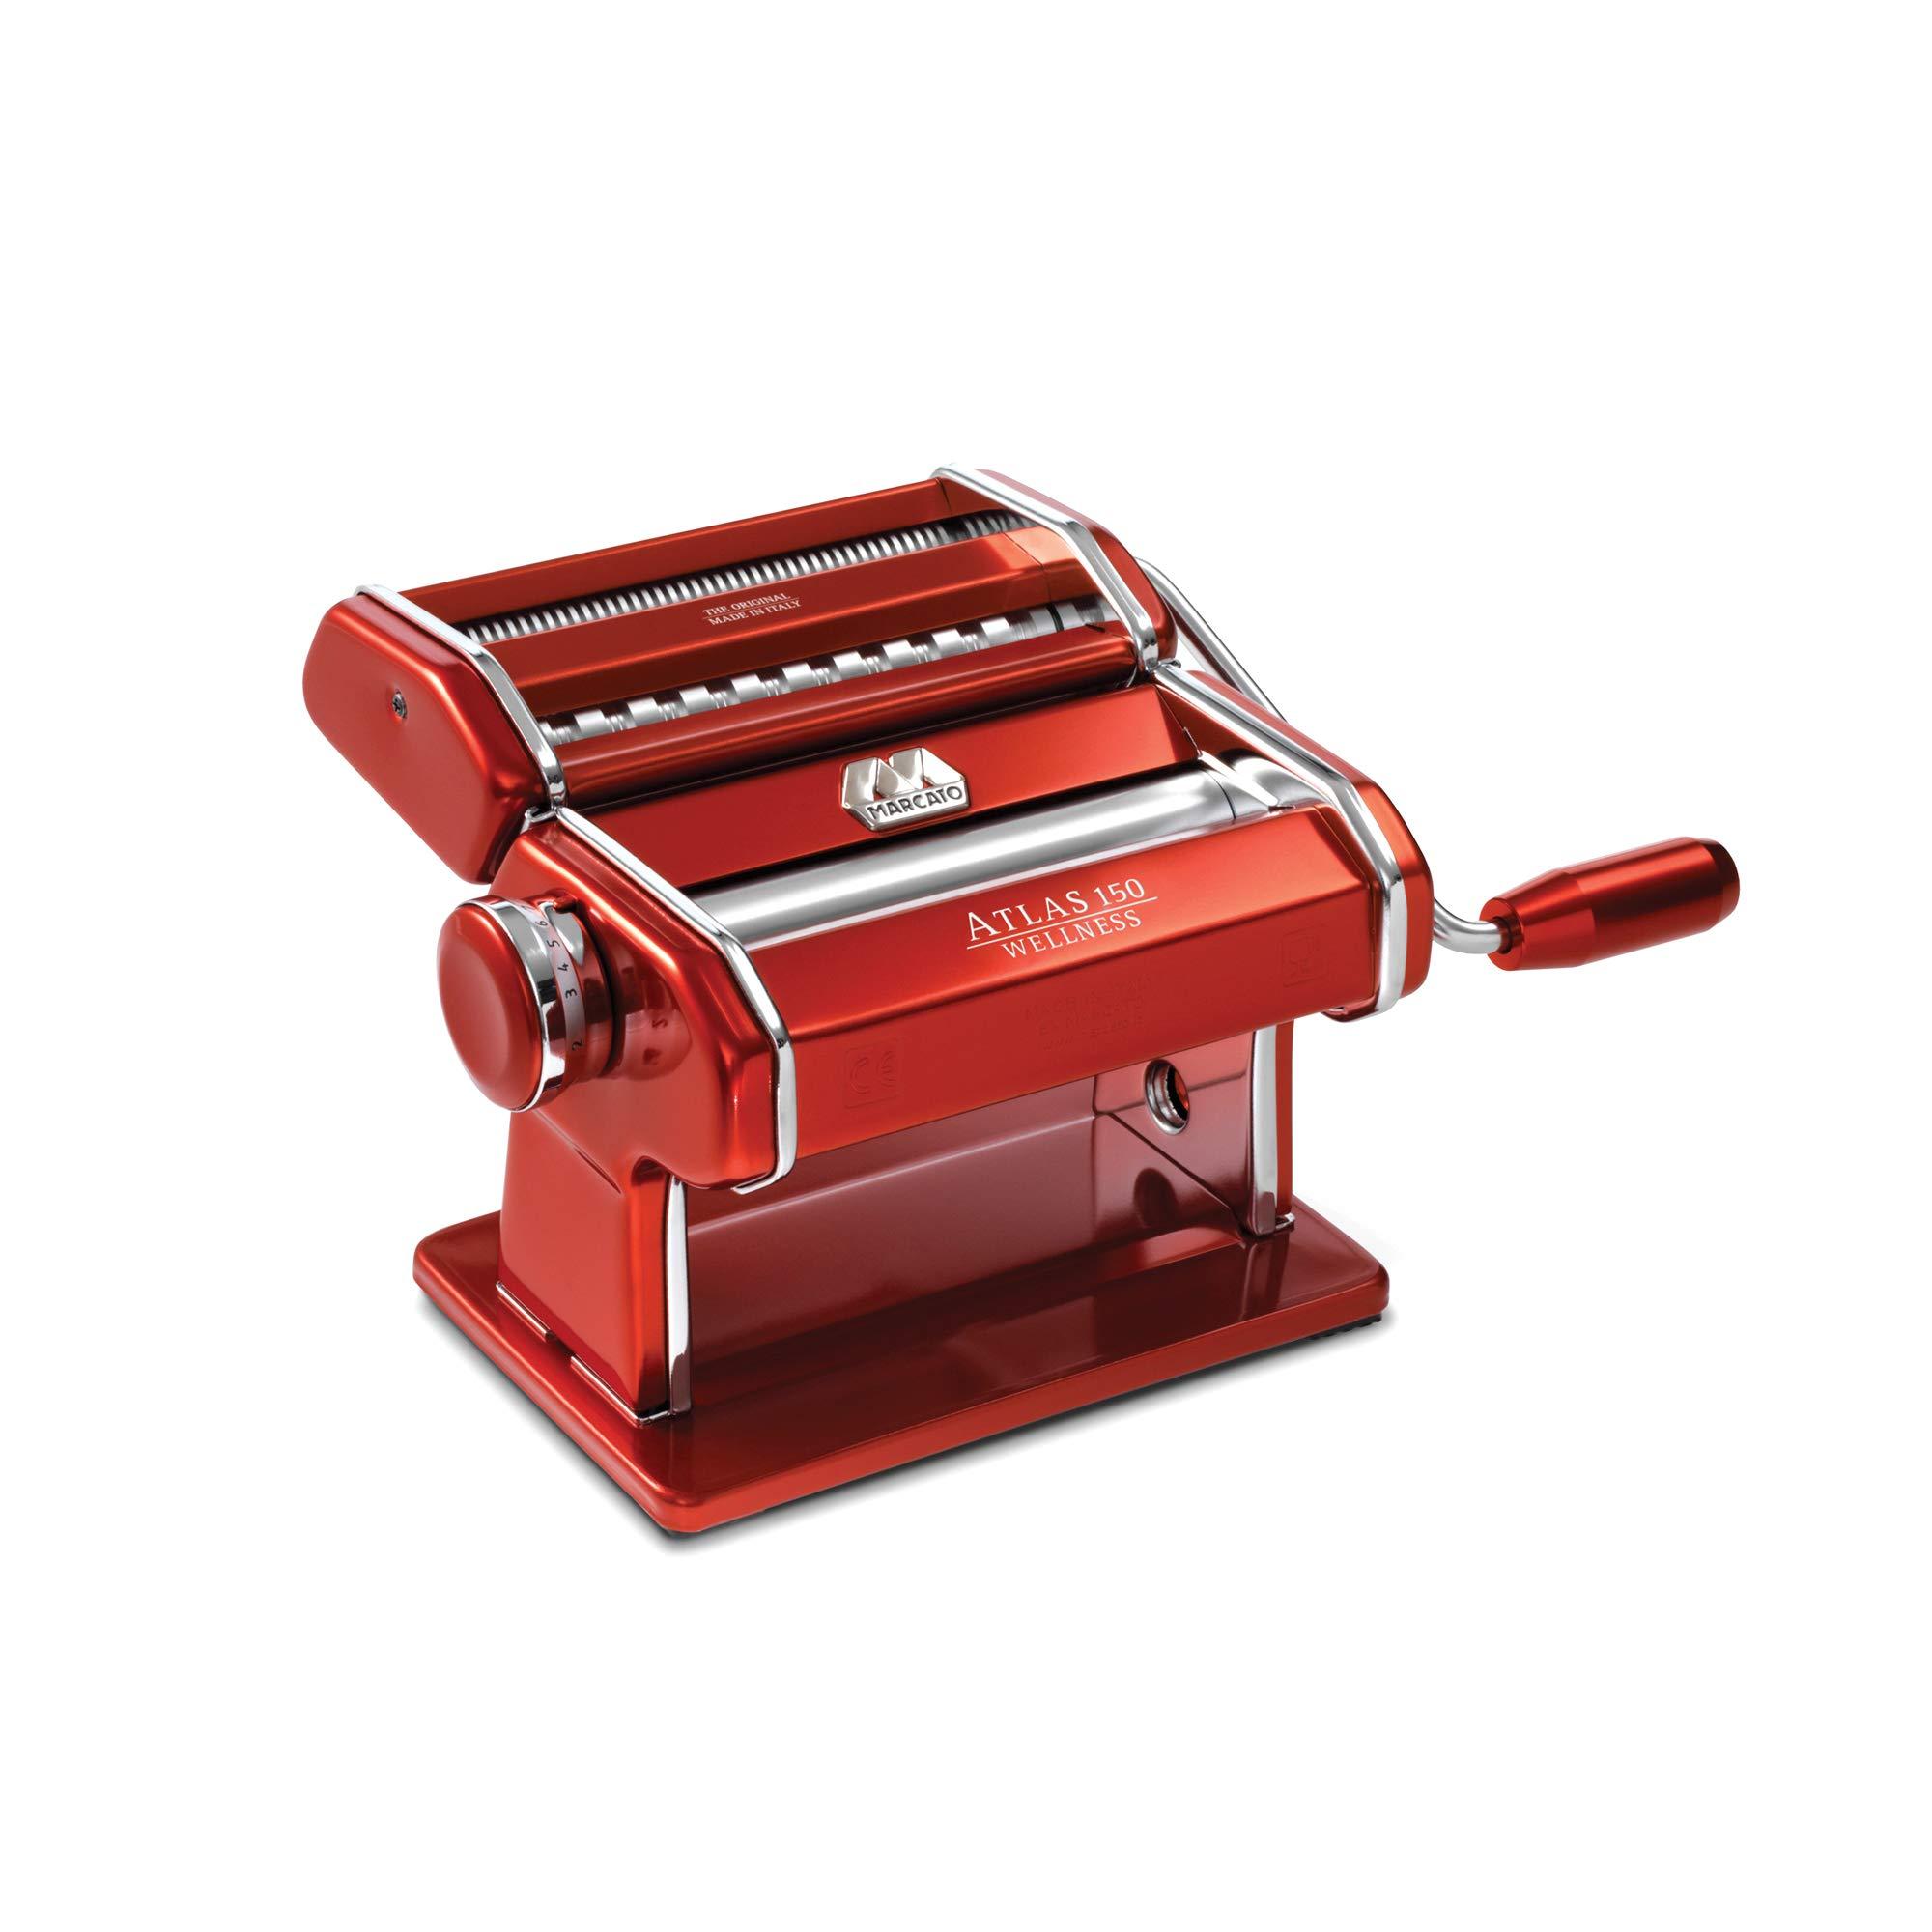 Marcato Design Atlas 150 Color Rosso